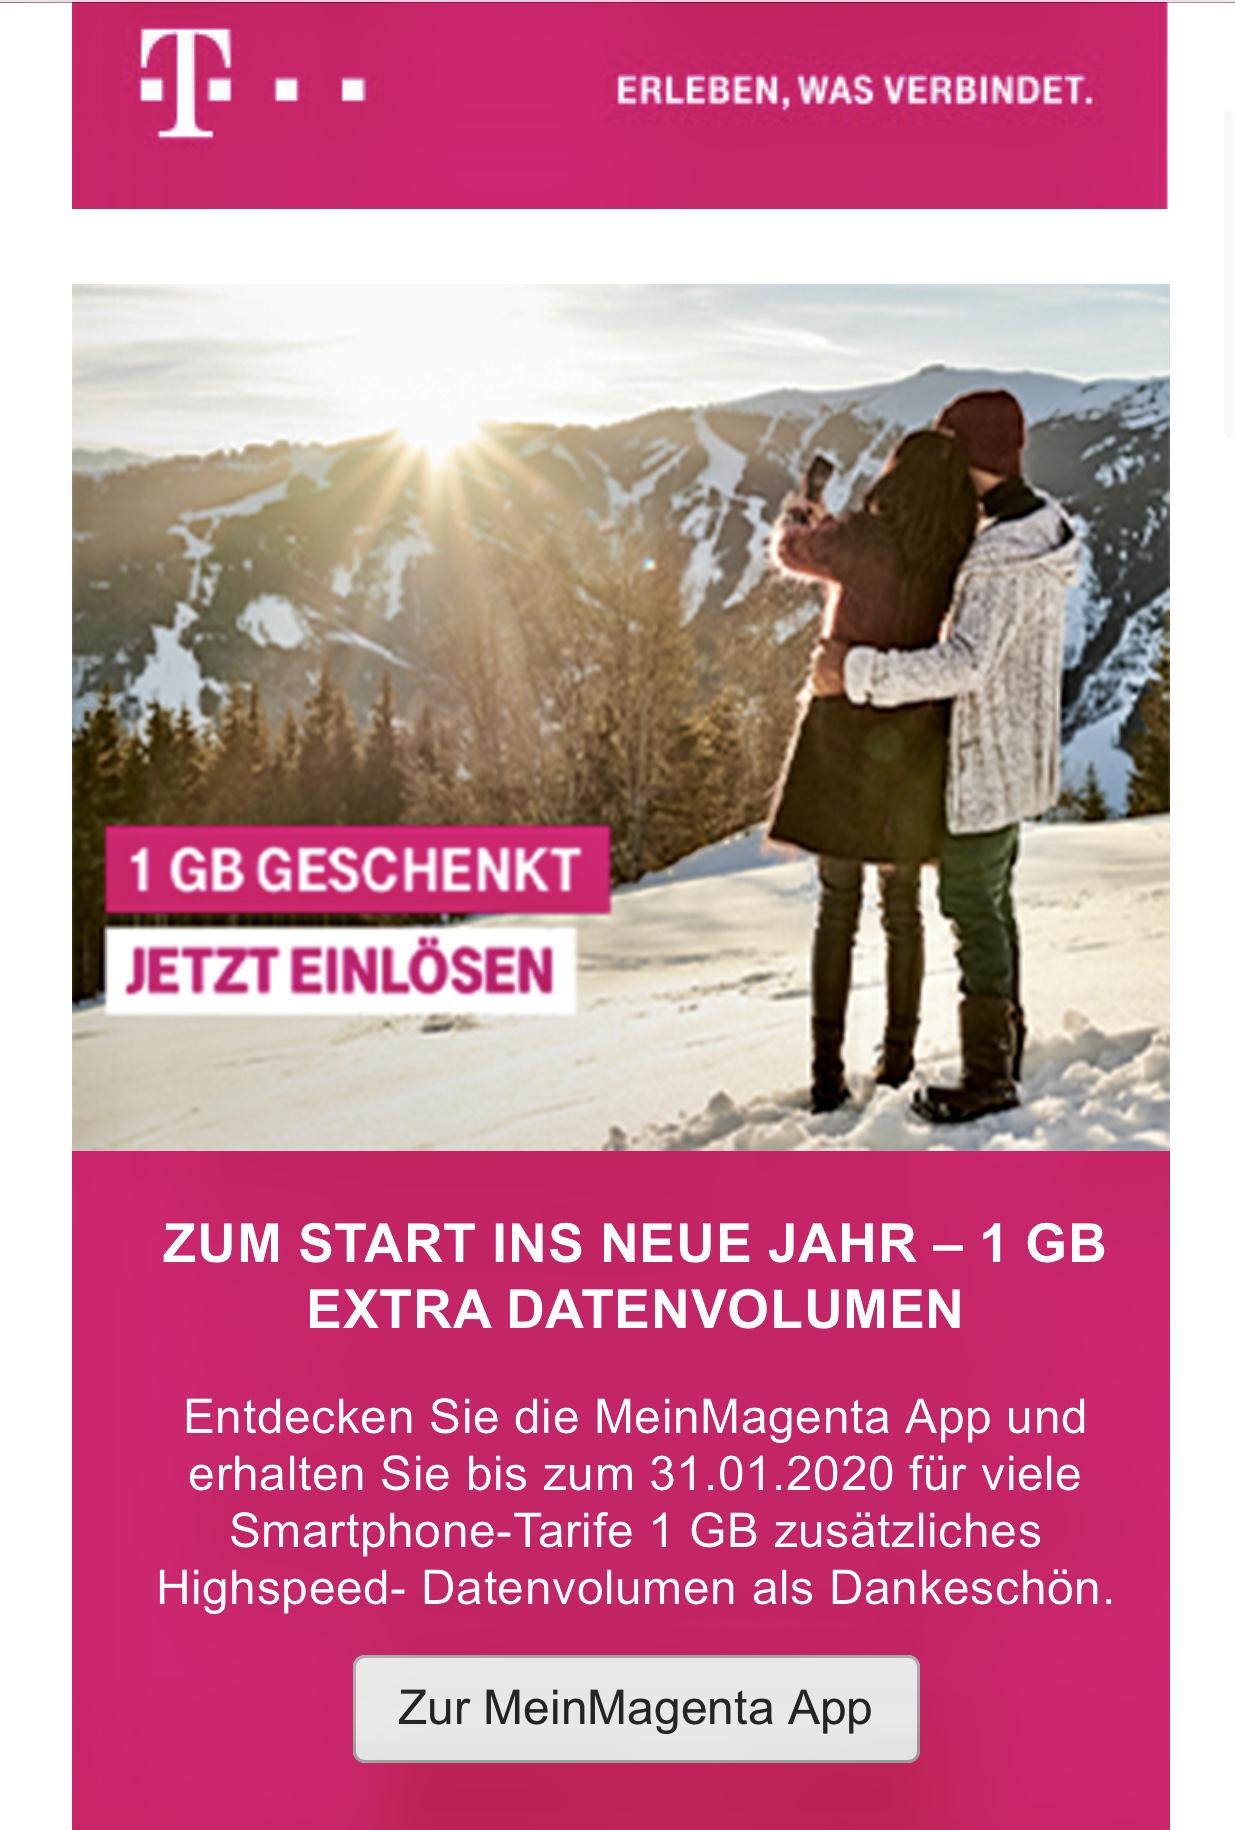 1gb gratis zum Neujahr über Telekom Mein Magenta App